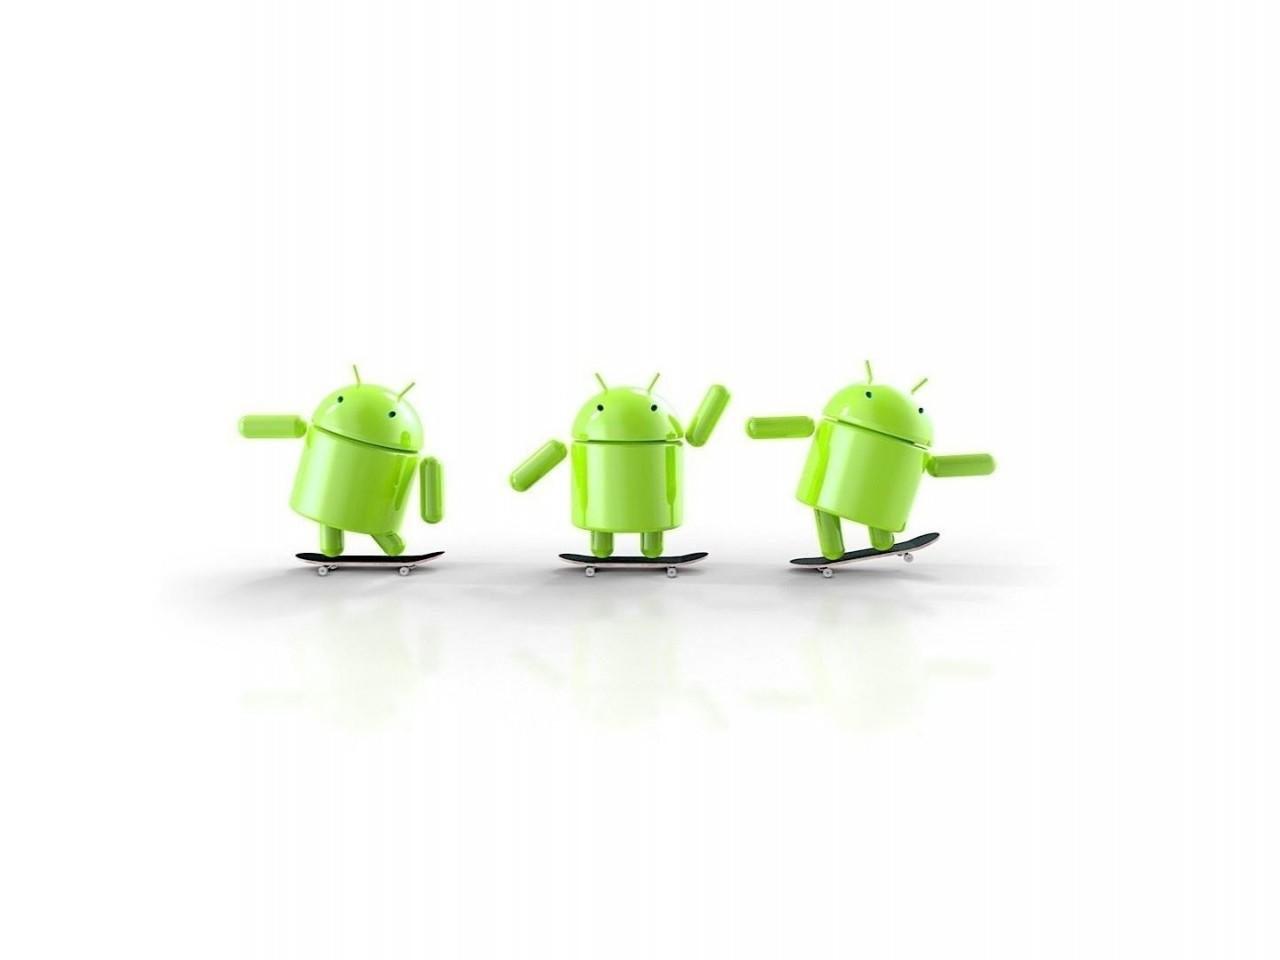 imagens de celular samsung com android - Como Capturar Telas em um Android 6 Passos (com